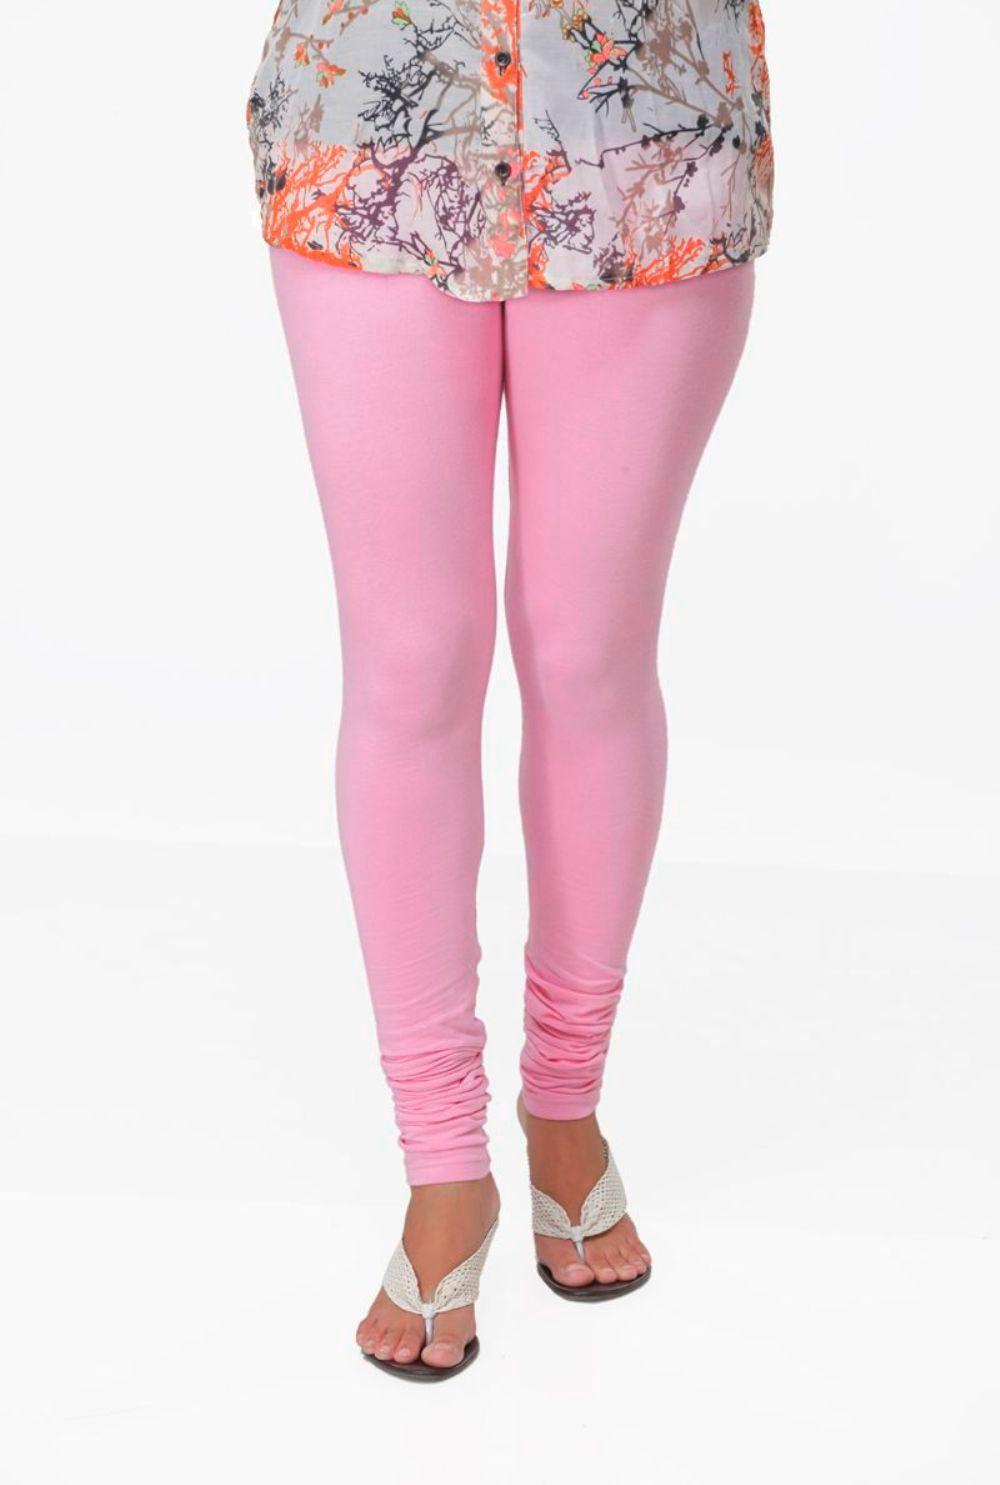 Ankita Womens Pink Leggings